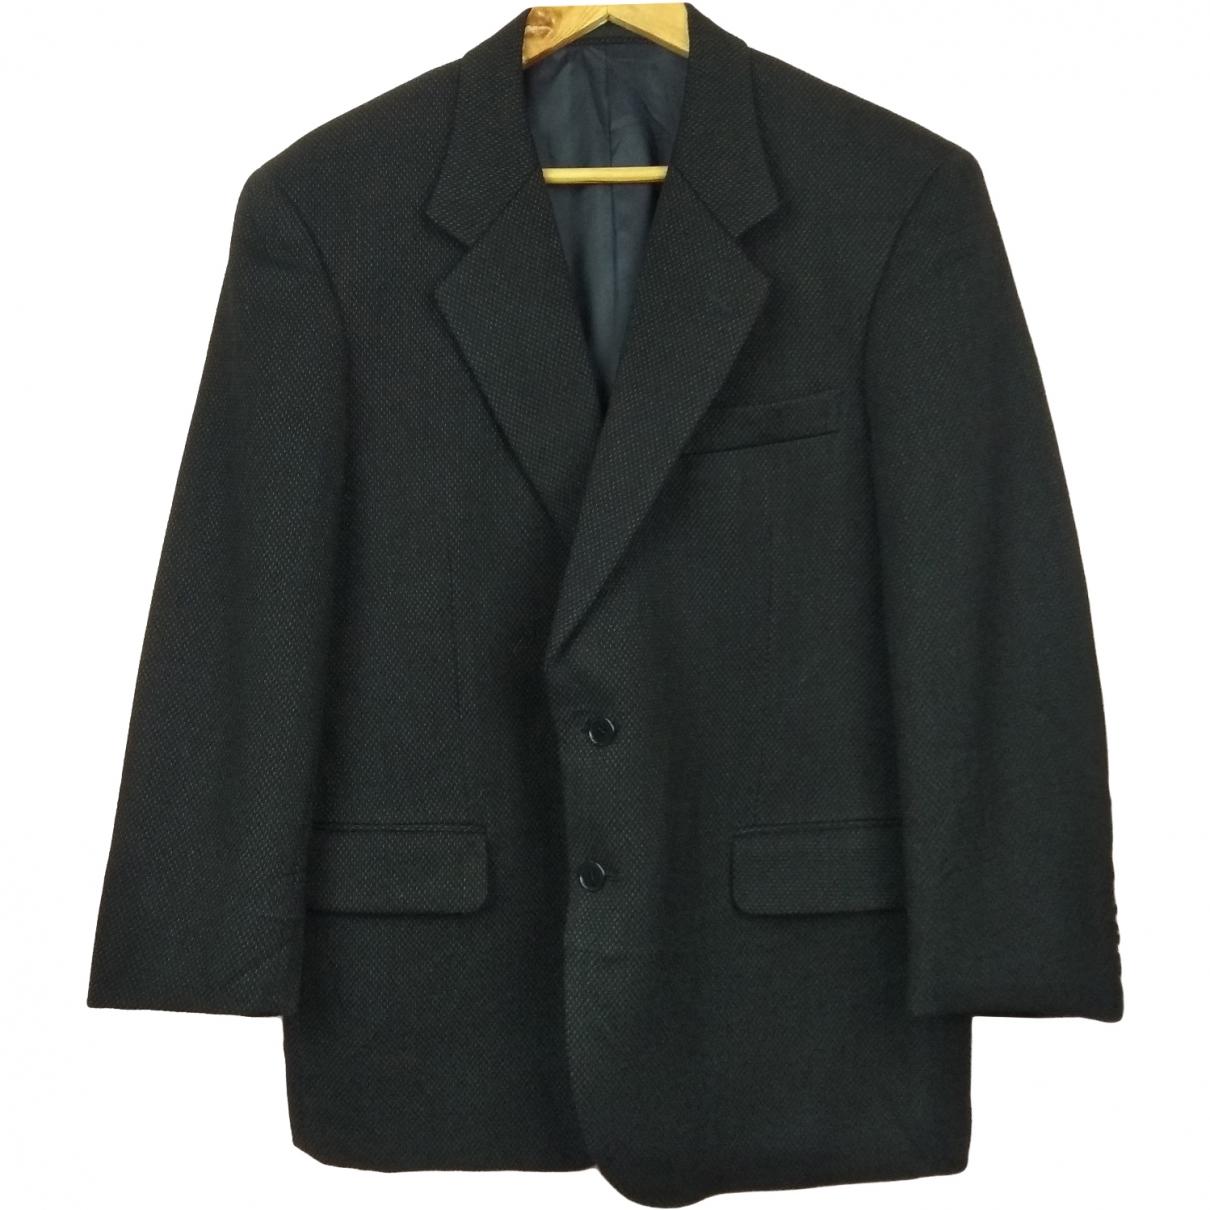 Yves Saint Laurent - Manteau   pour homme en laine - noir